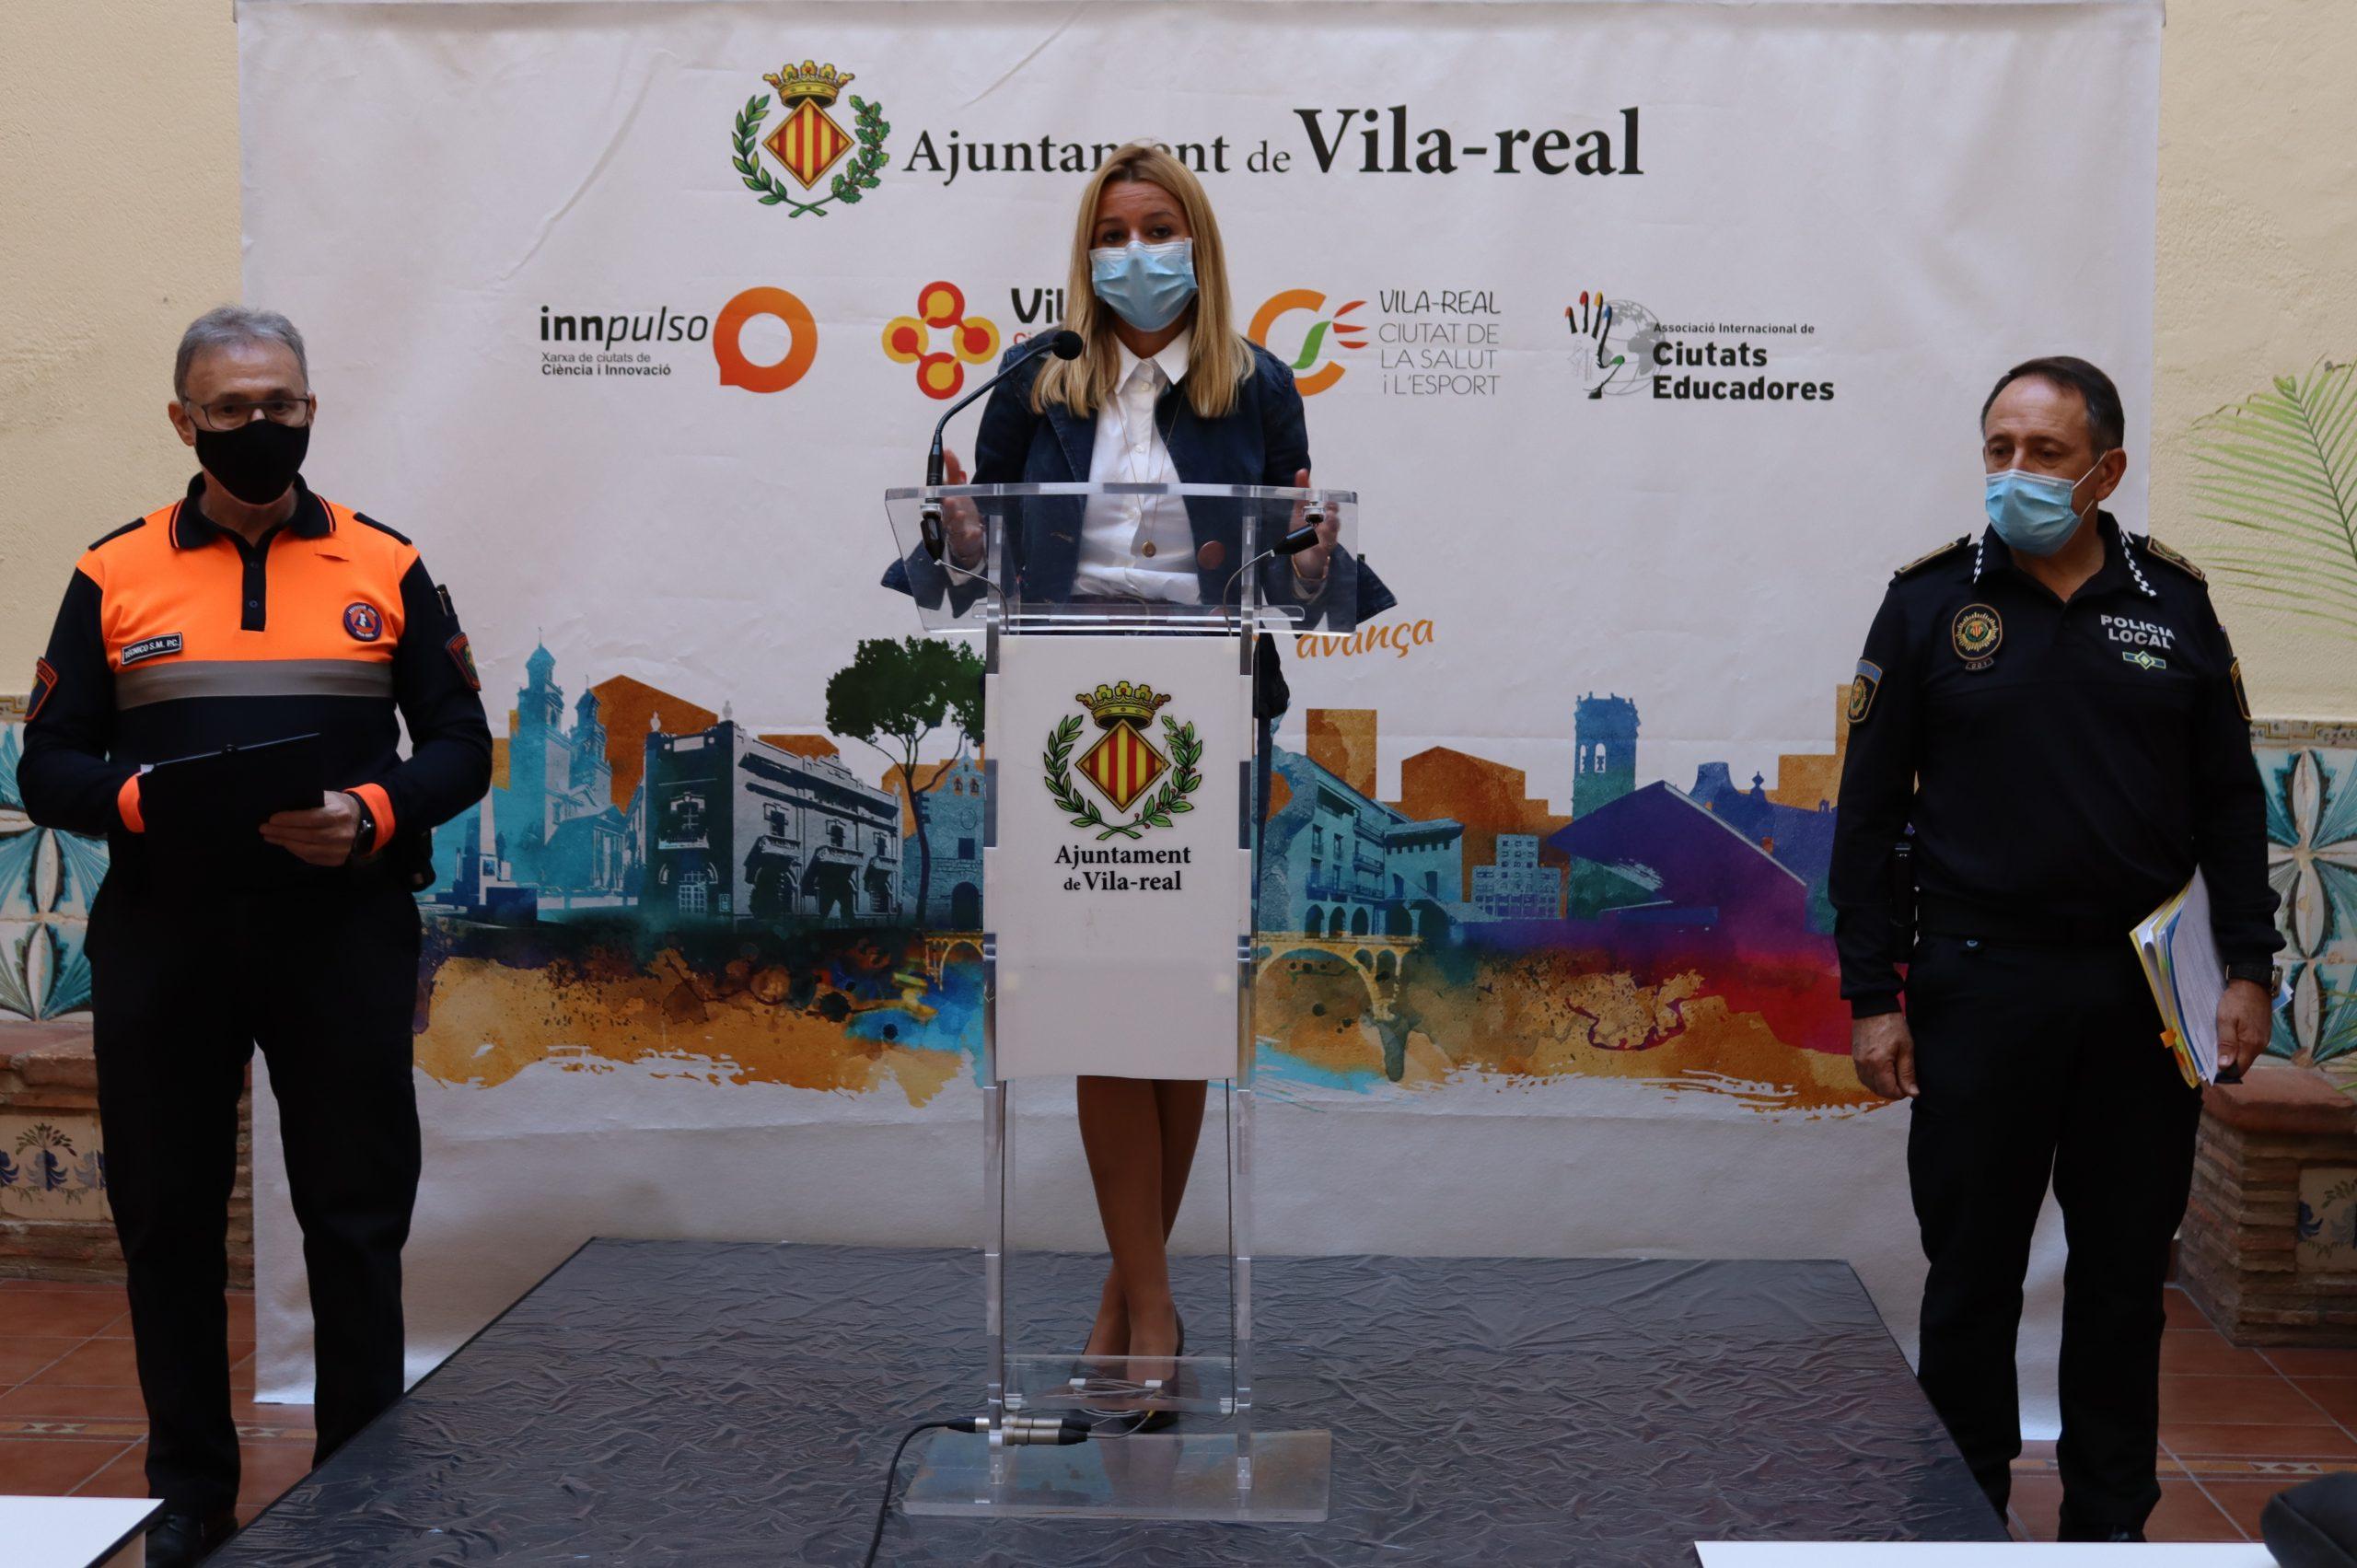 Vila-real encara la segunda ola de la pandemia con cerca de 800 denuncias desde marzo y 6.000 horas de trabajo de Protección Civil